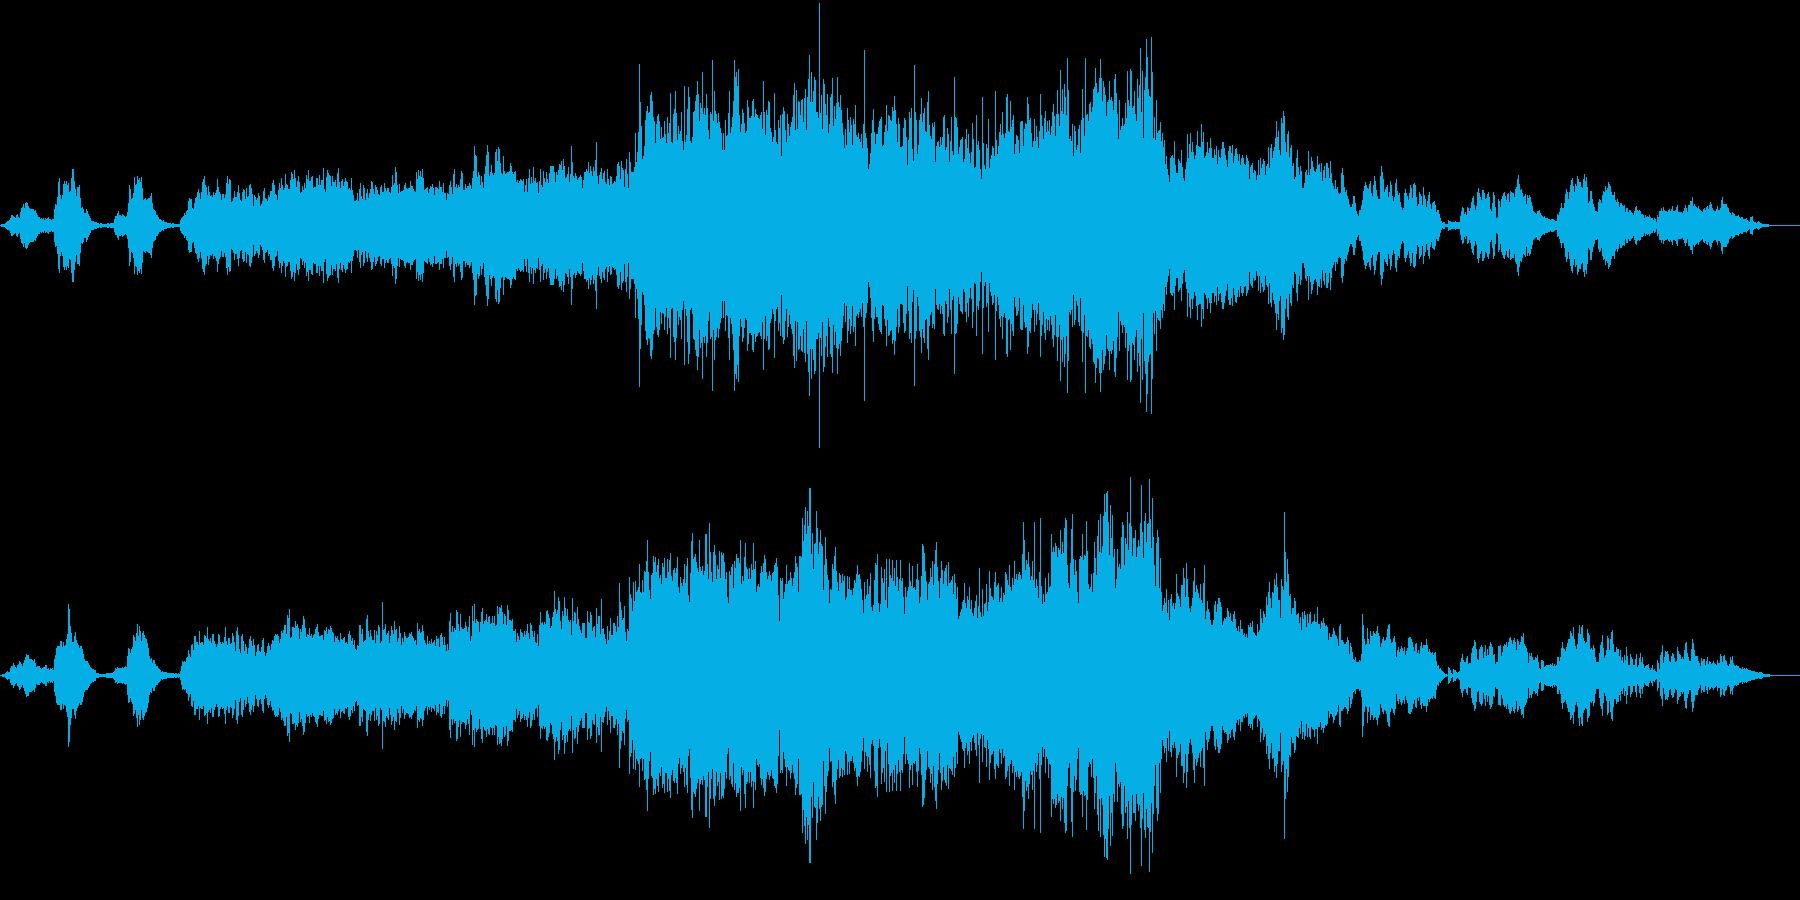 森をイメージした、幻想的な音楽の再生済みの波形